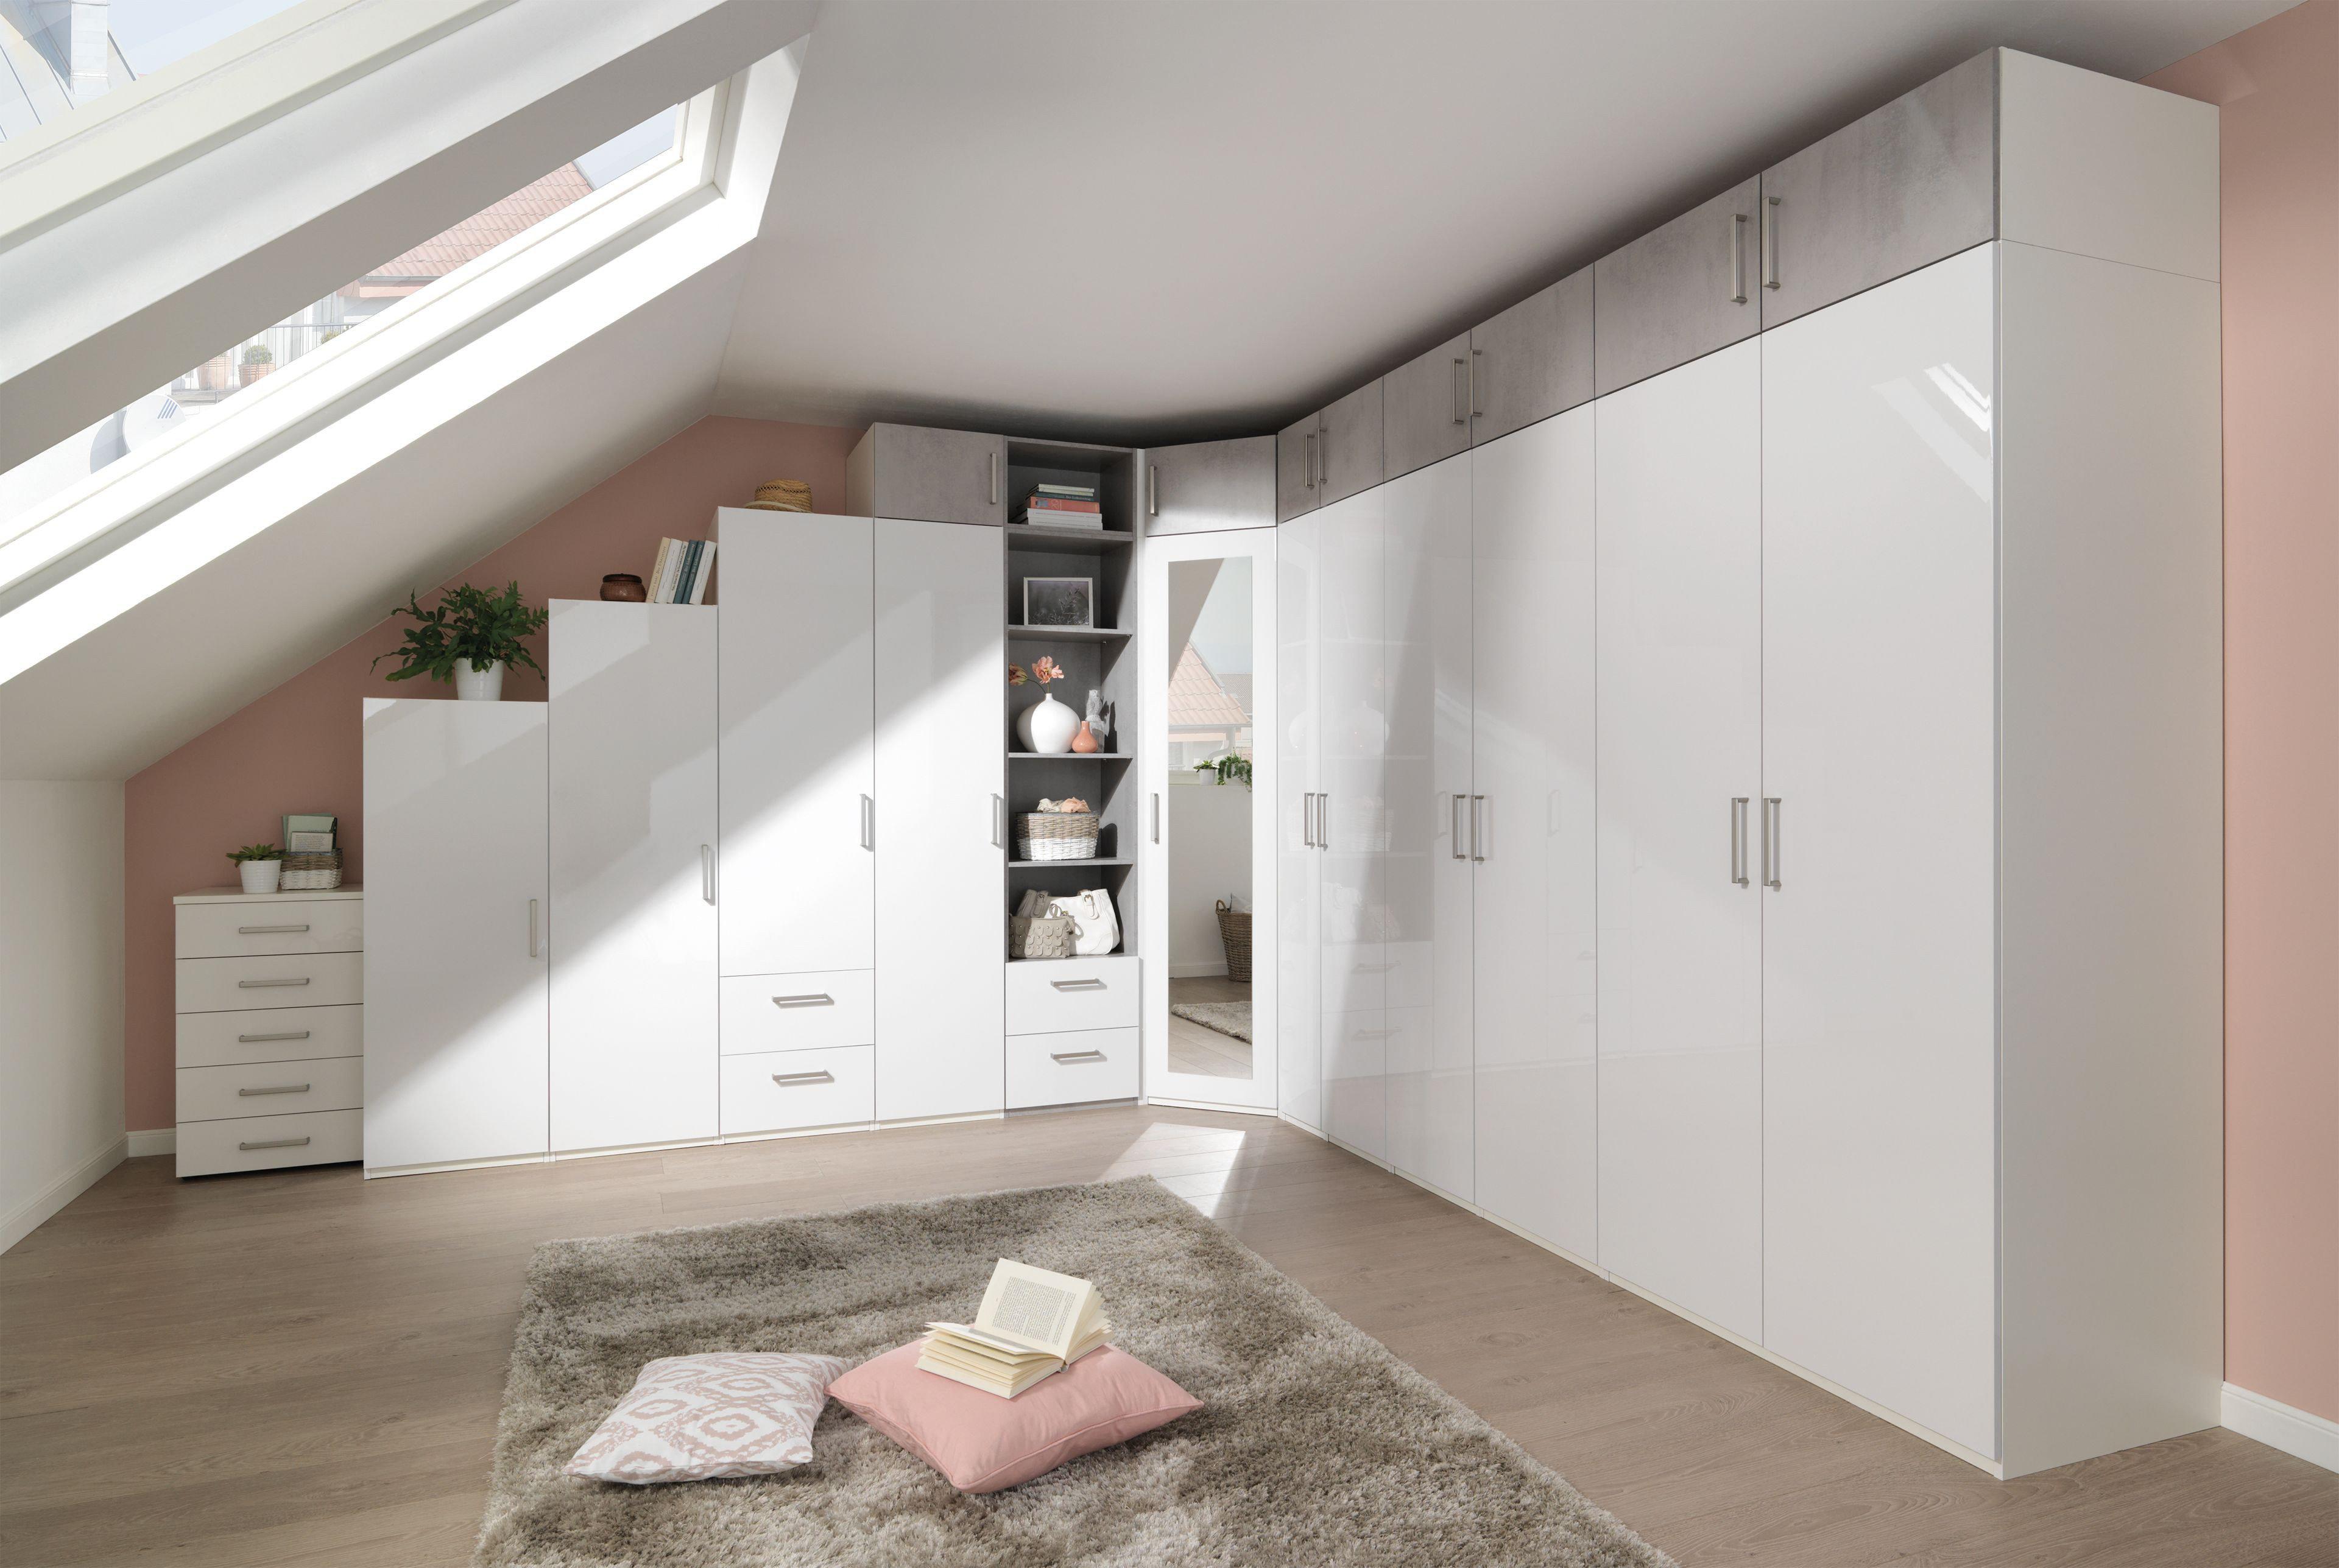 Kleiderschrank Dachschräge wellemöbel ksw 2 0 kleider schrank beton optik möbel letz ihr